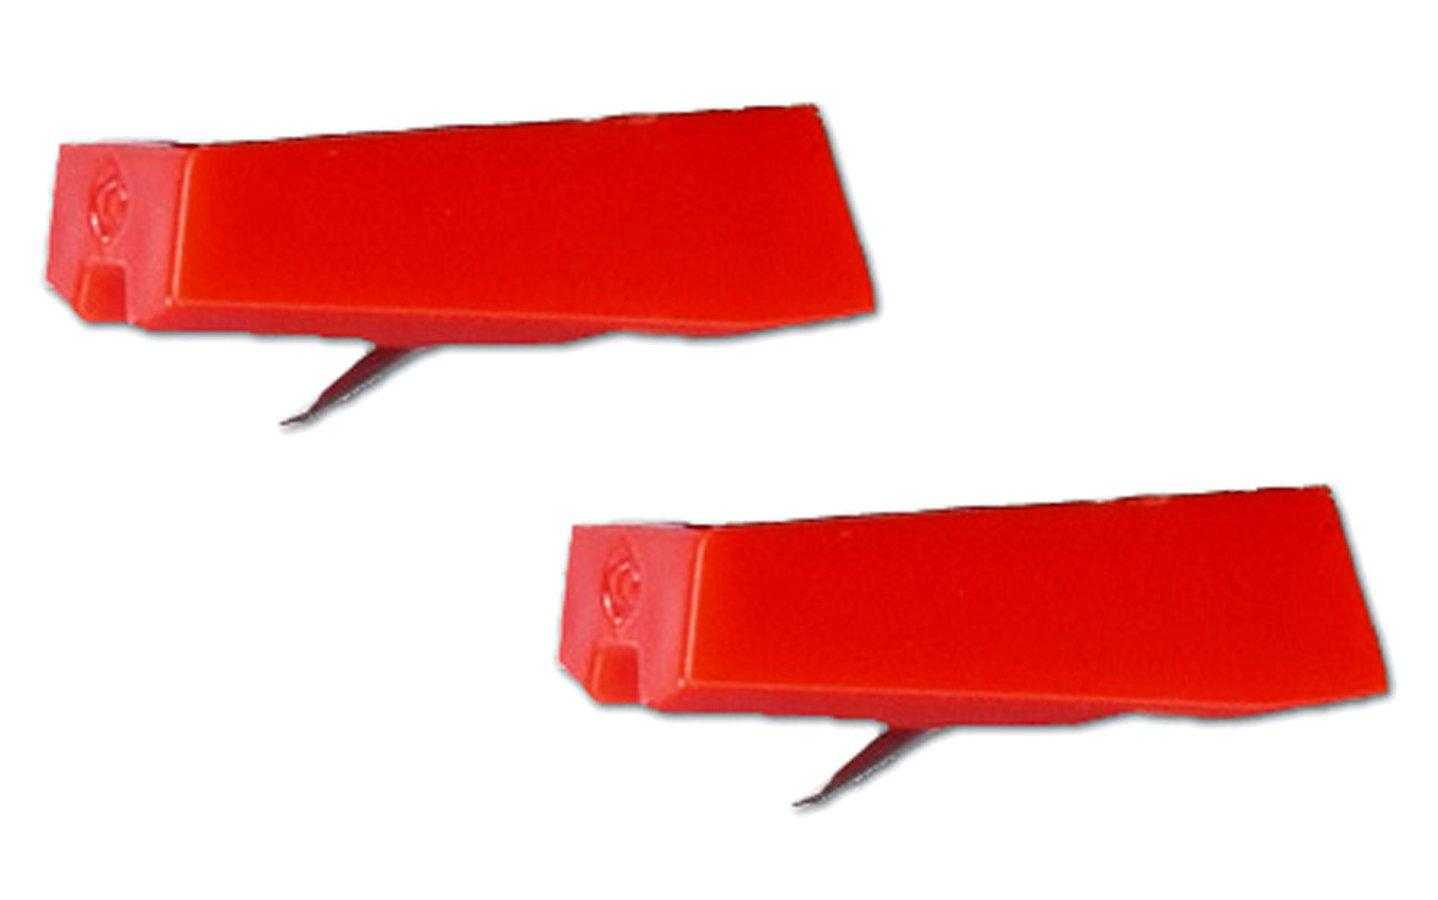 2 unidades Repl Stylus ict04 Profile LP de cartucho de repuesto de ...